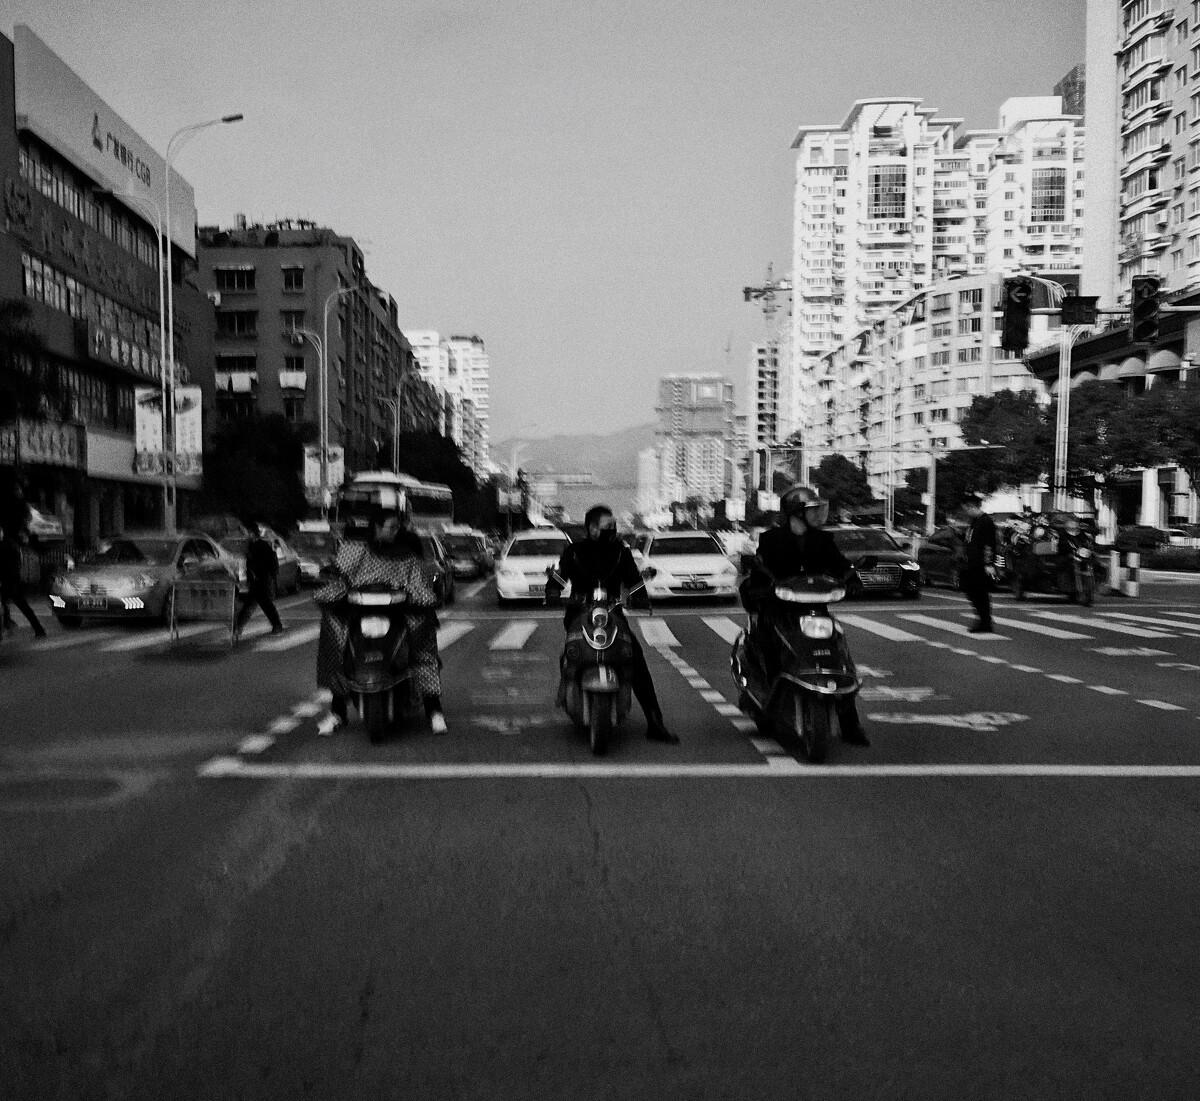 相对静止 - 黑白, 手机, 胖电塔与街头摄影08期